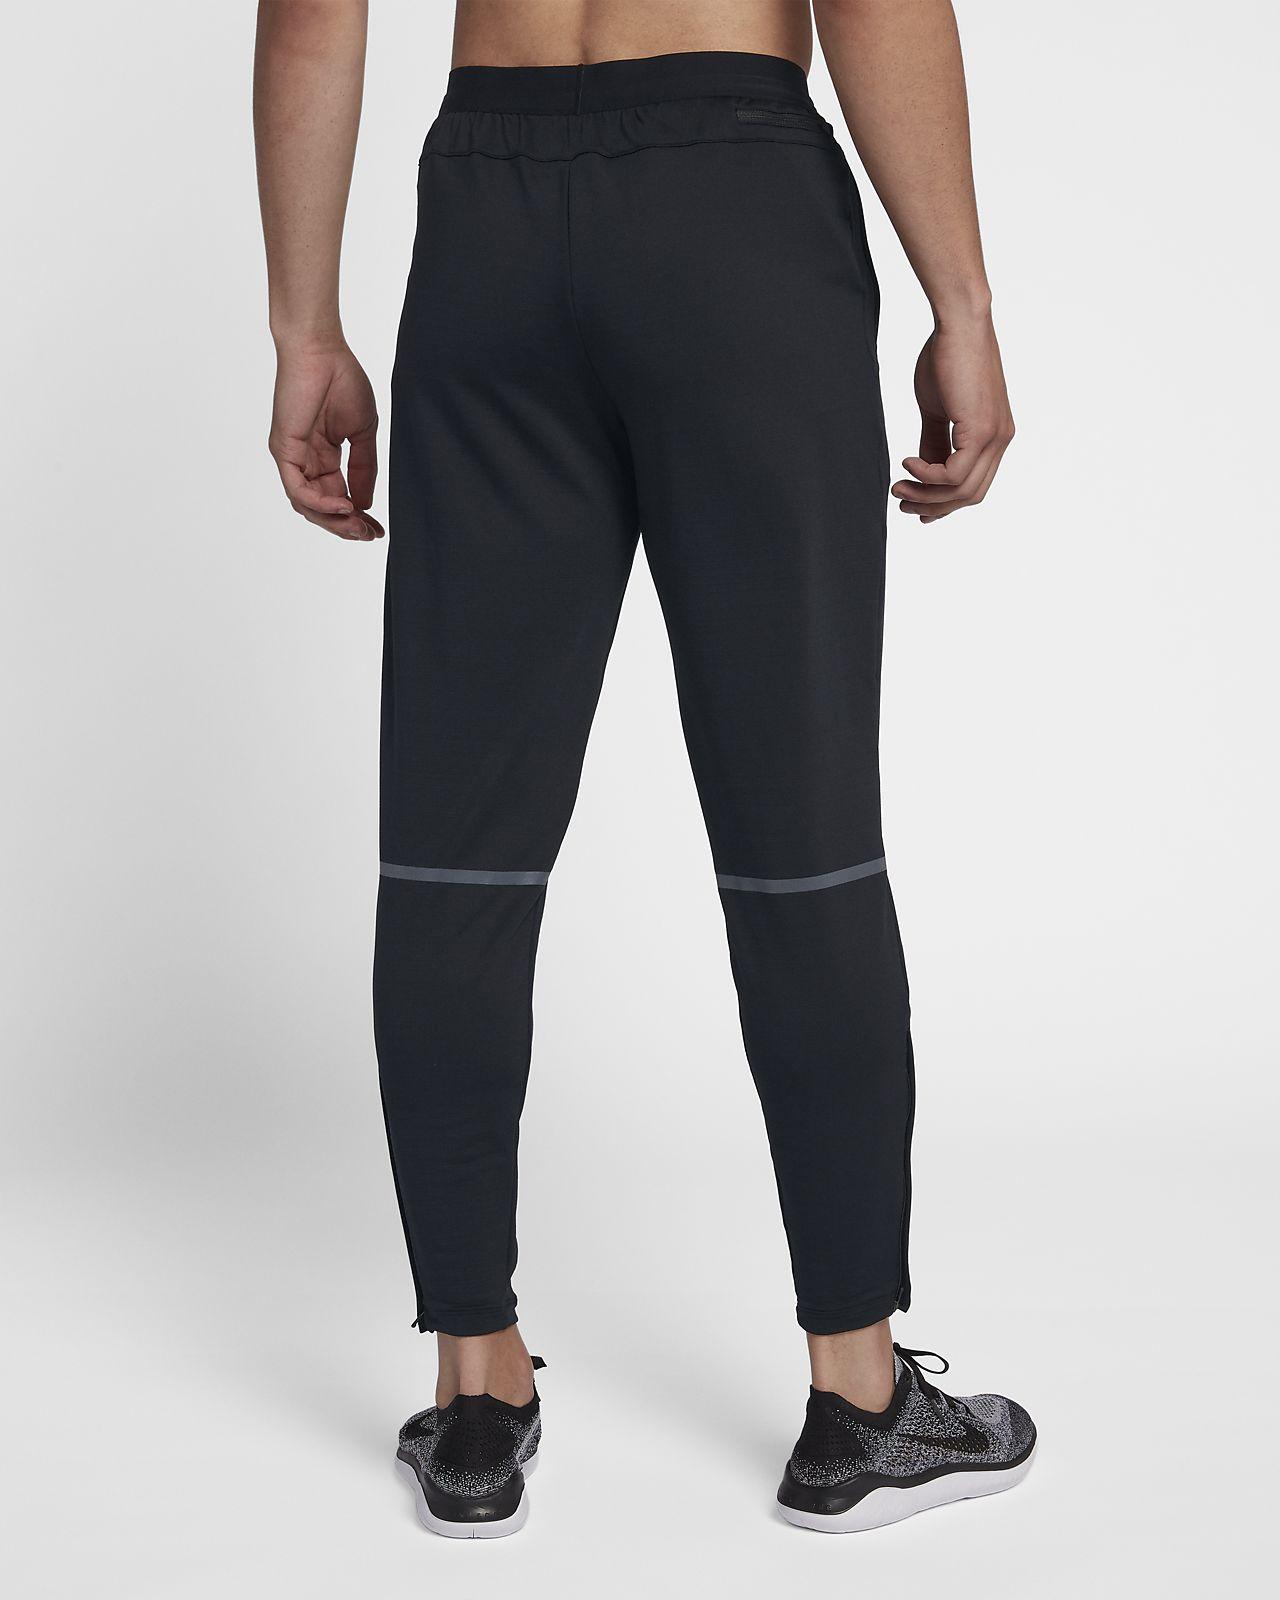 Pour Pantalon Phenom Nike Running De Homme v6yIYf7gbm